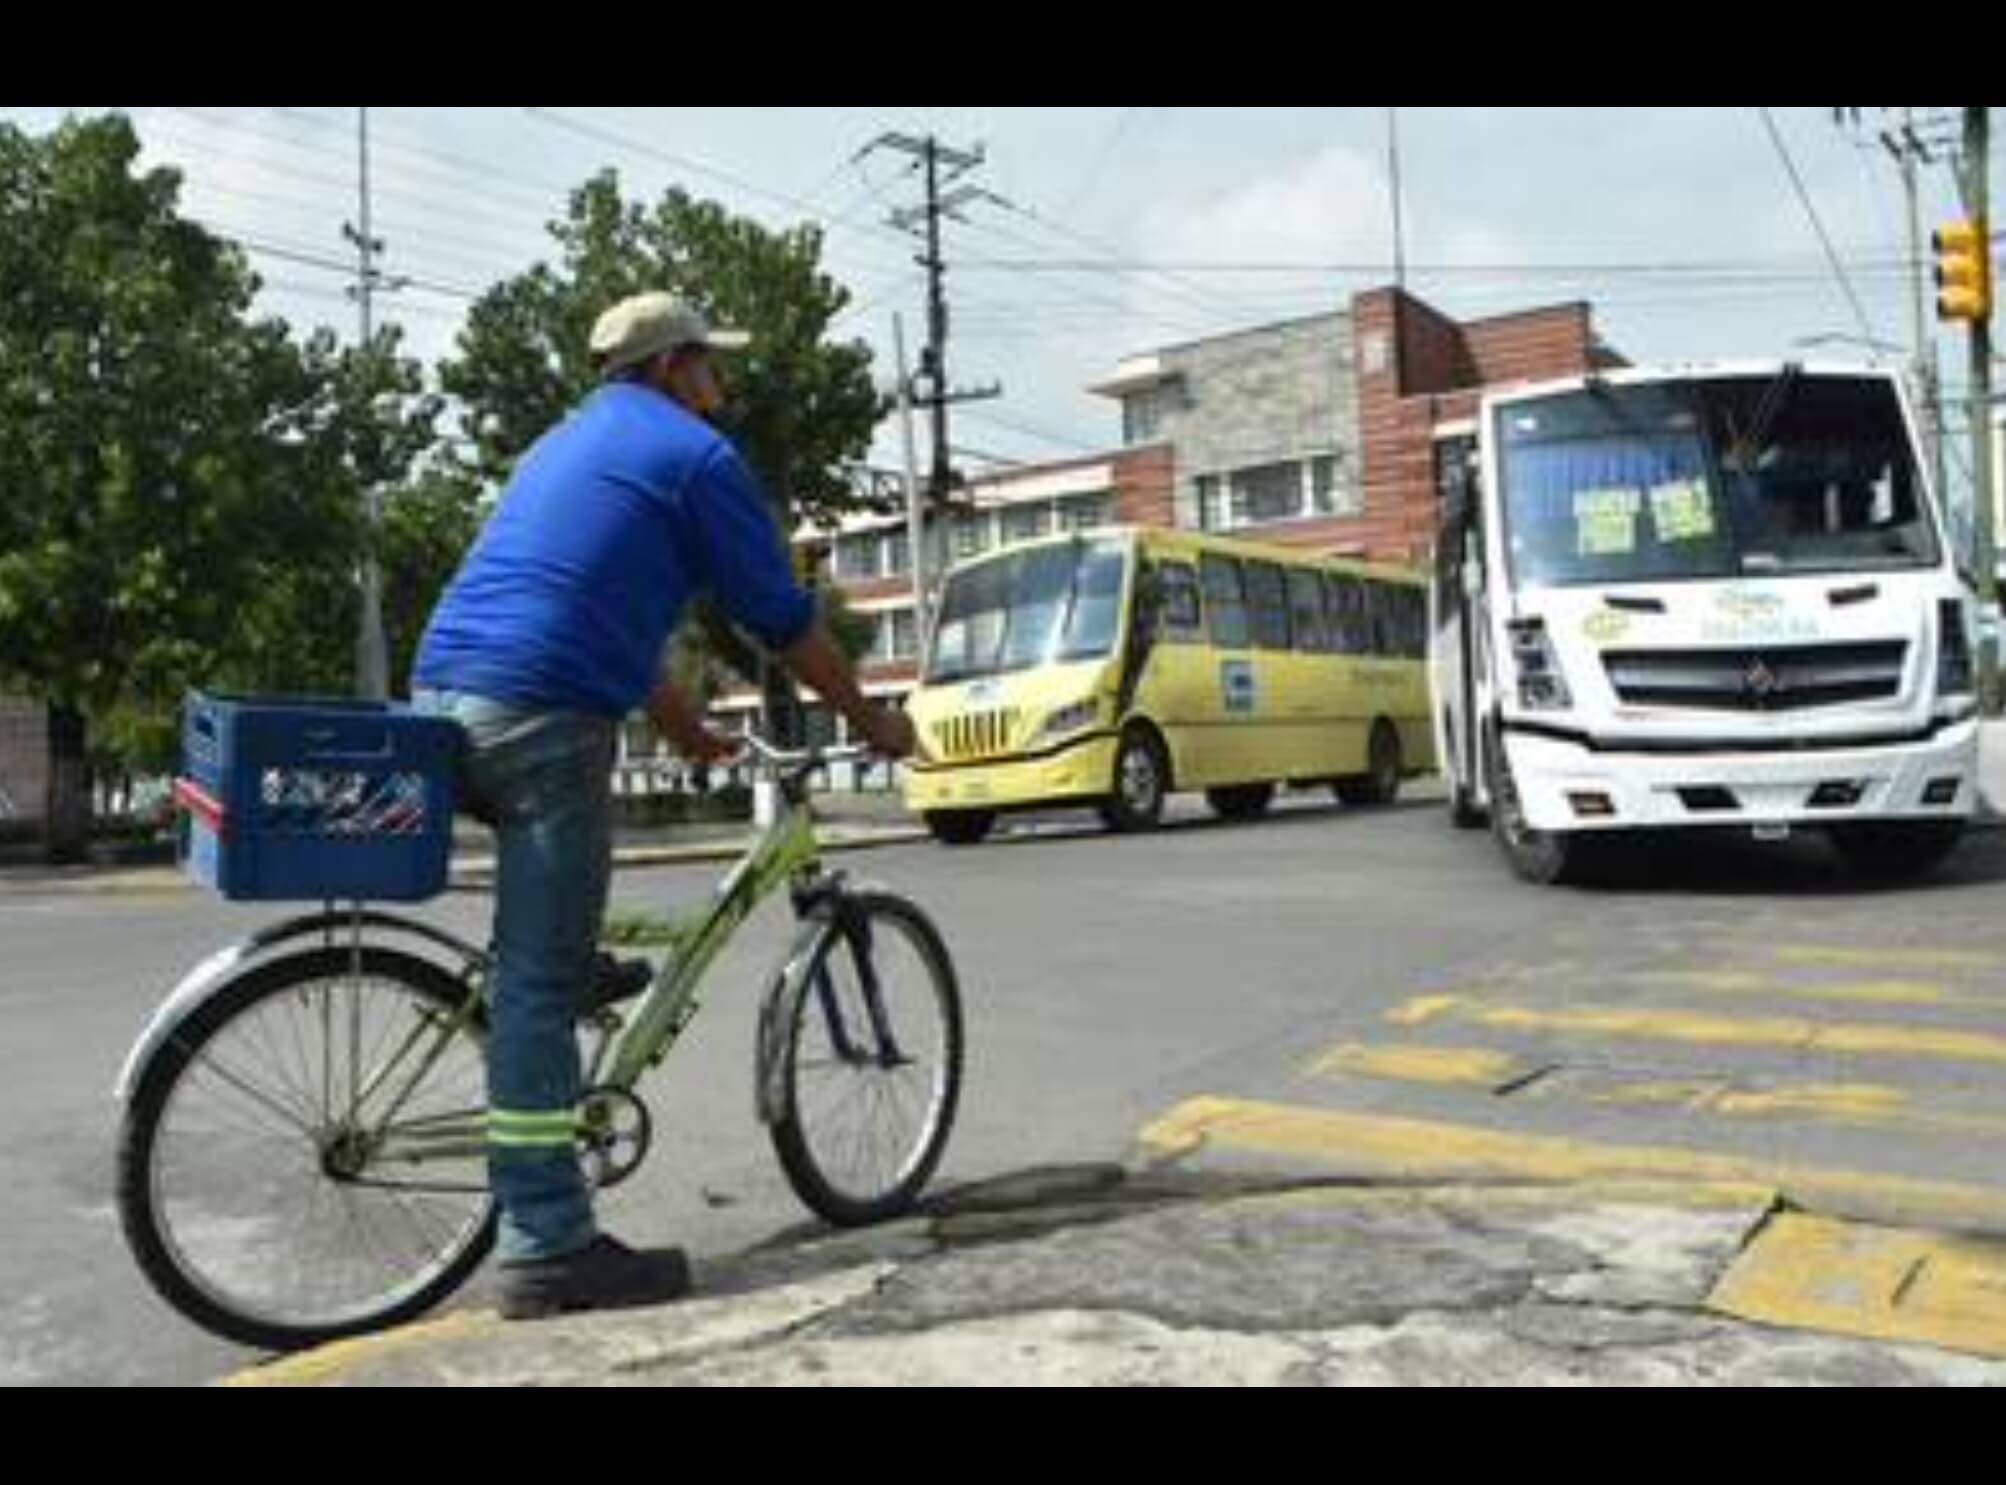 Prioritario desarrollar ciudades más seguras para ciclistas